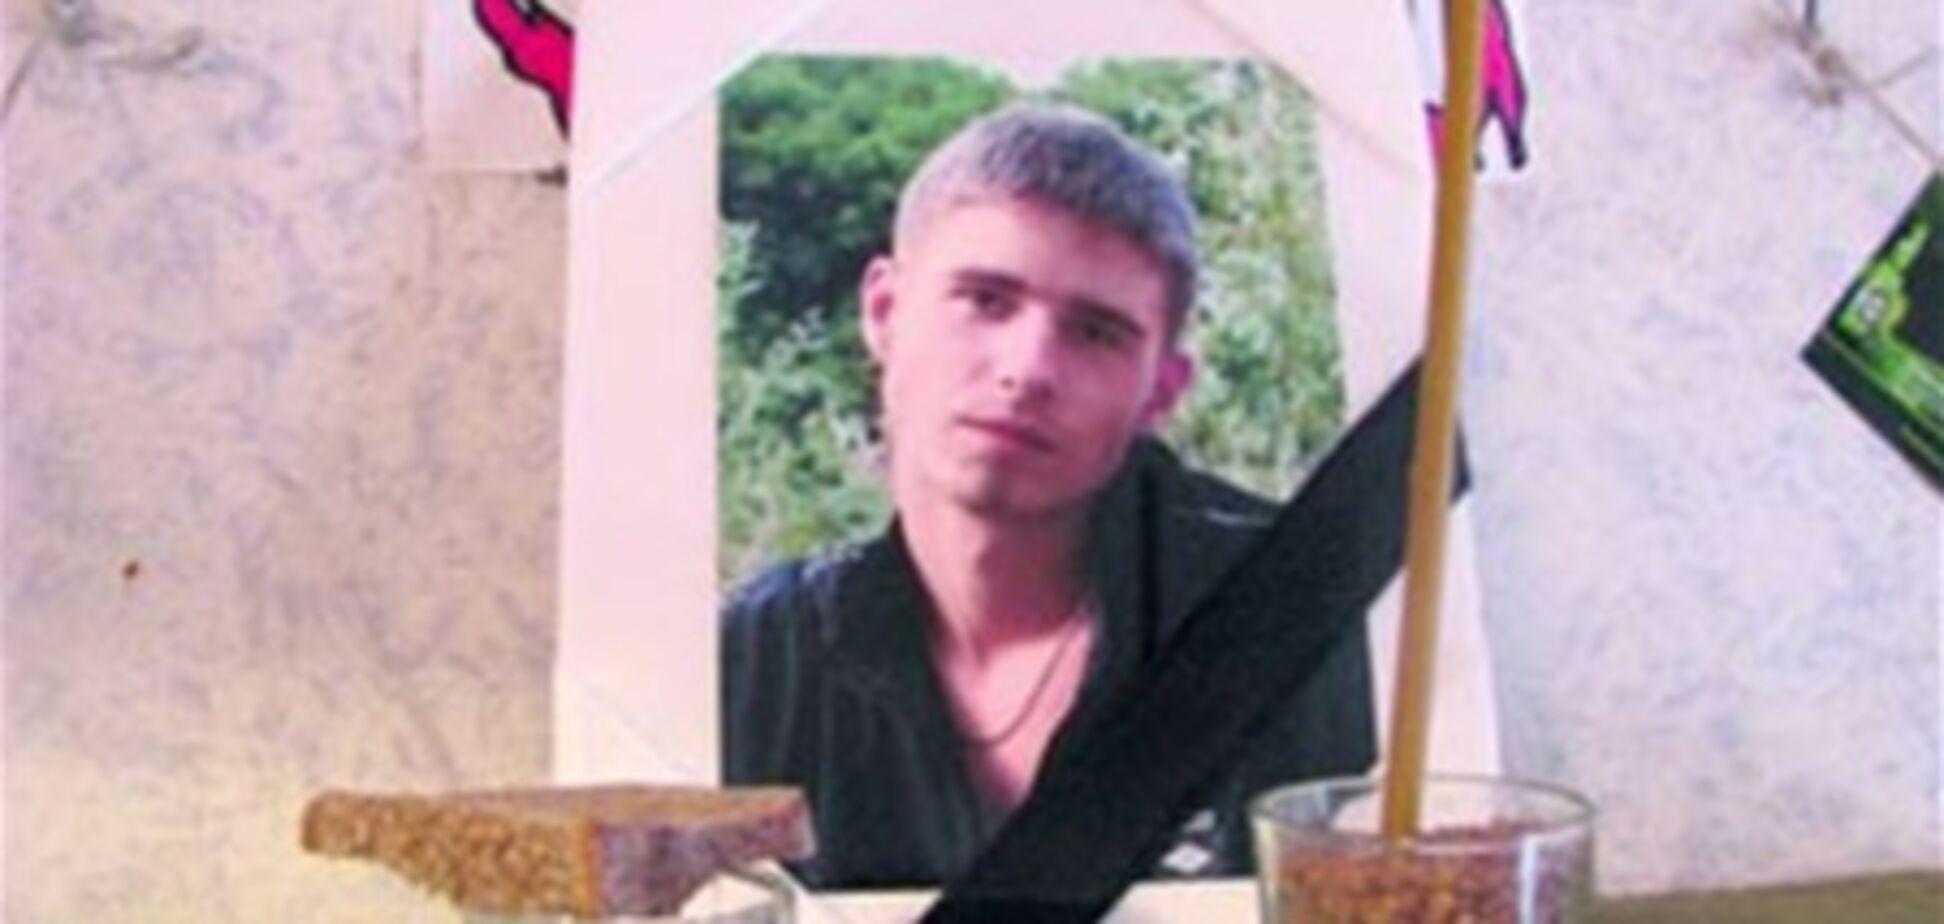 Смерть Индыло нужно расследовать заново - Amnesty International